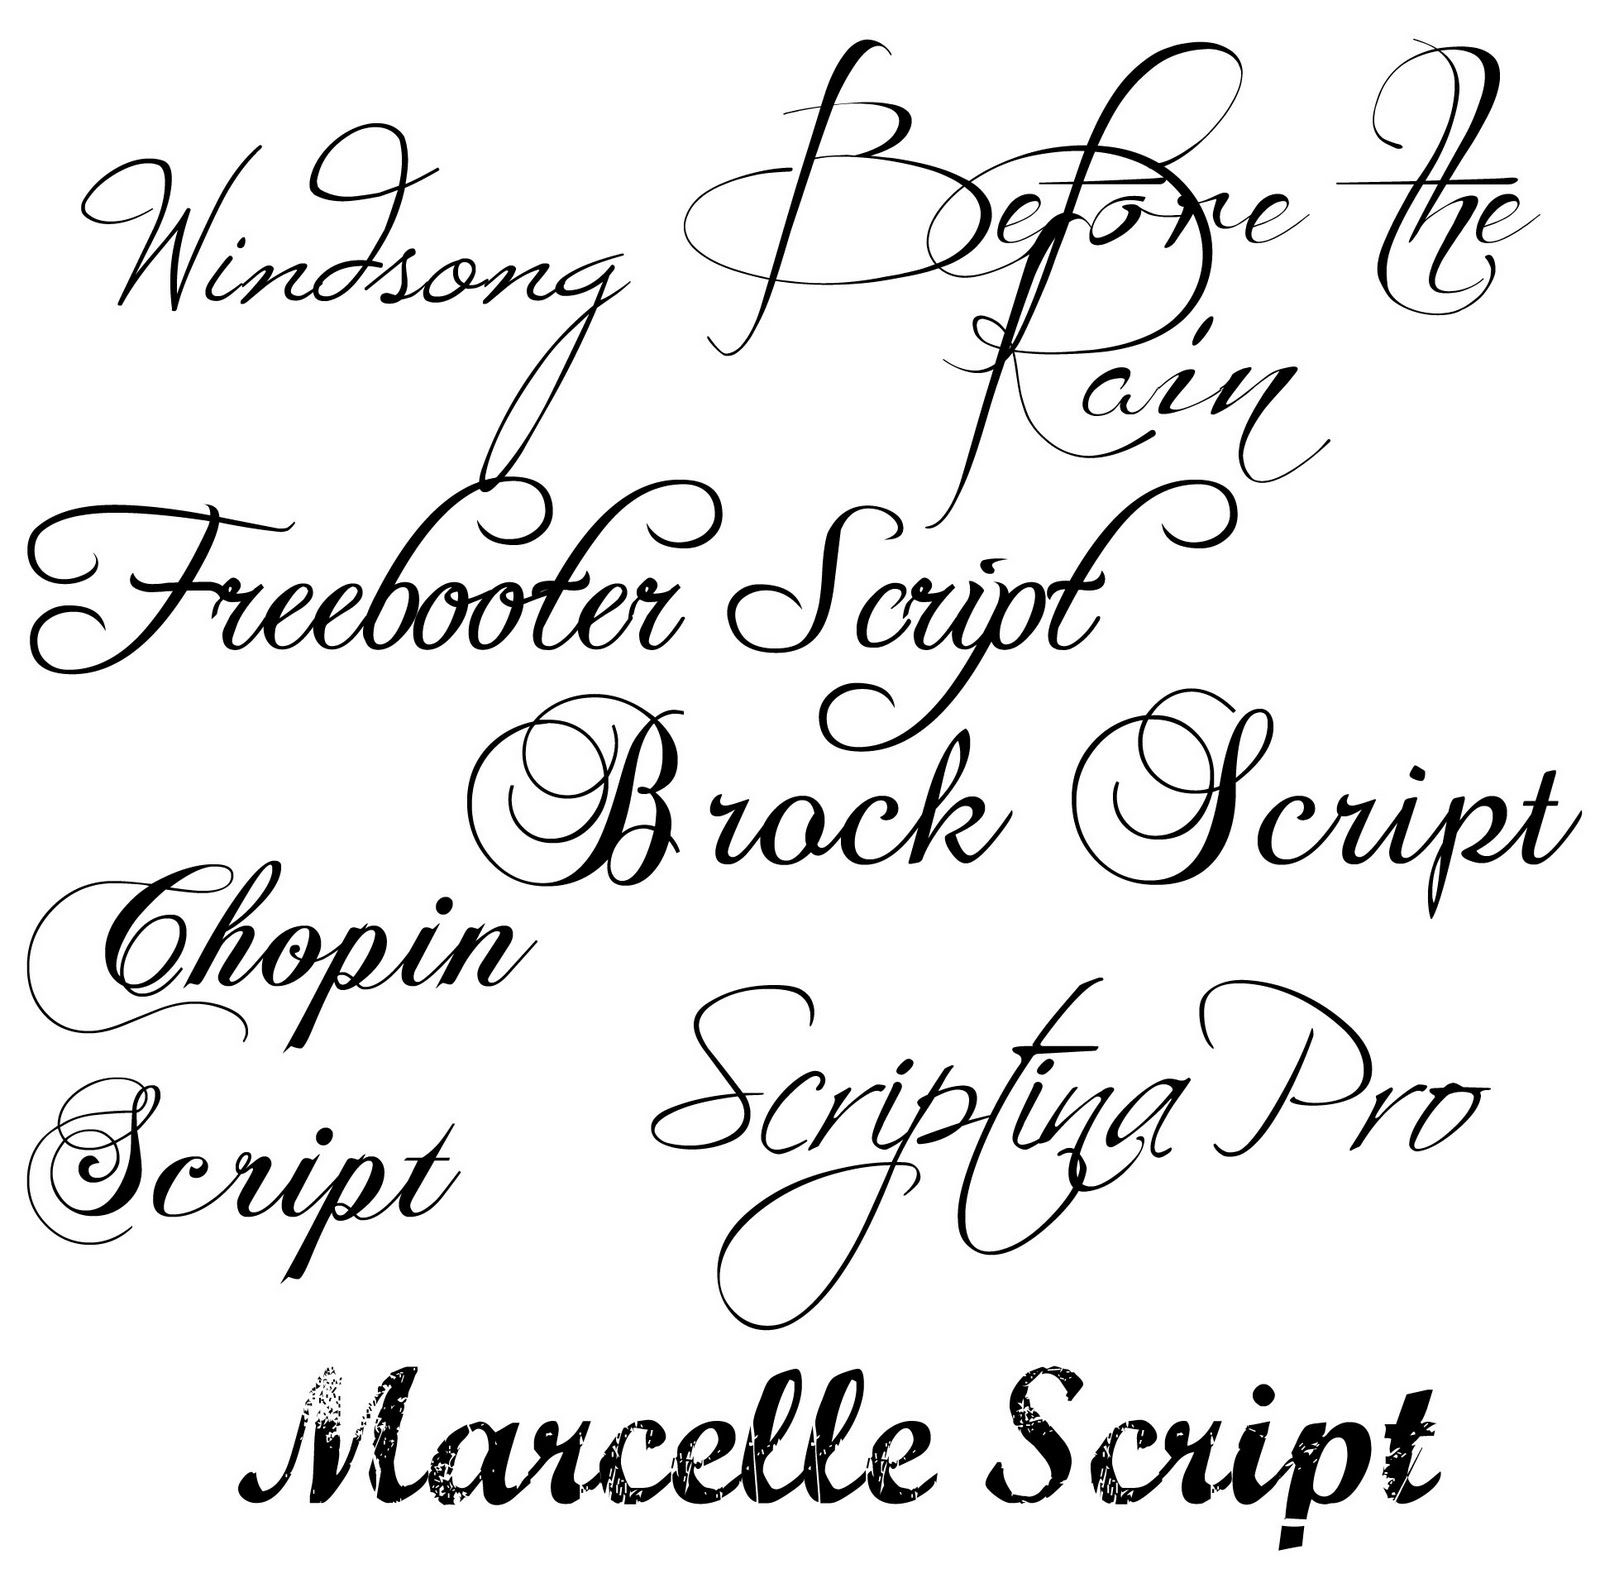 Links to free downloads of fancy fonts via MD School Mrs